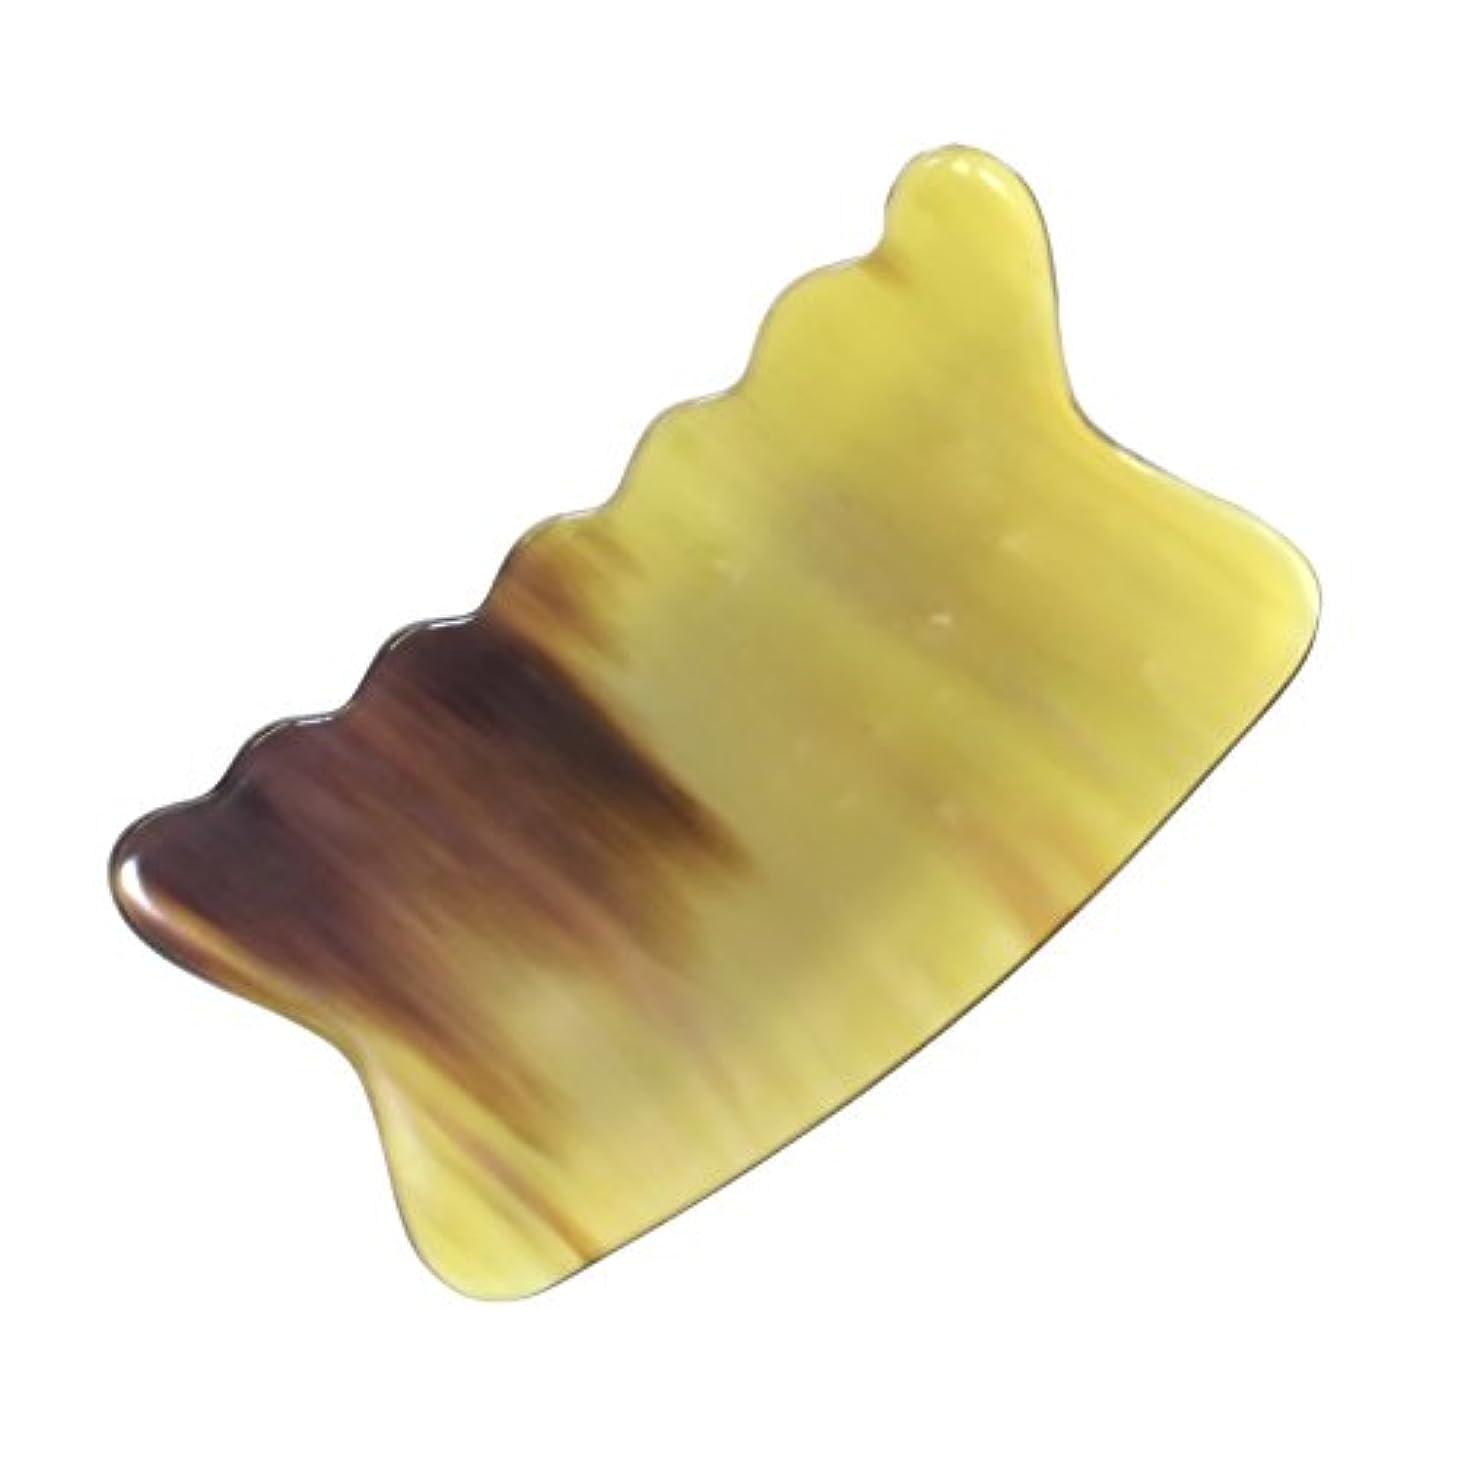 シリアル平和な馬鹿かっさ プレート 希少61 黄水牛角 極美品 曲波型